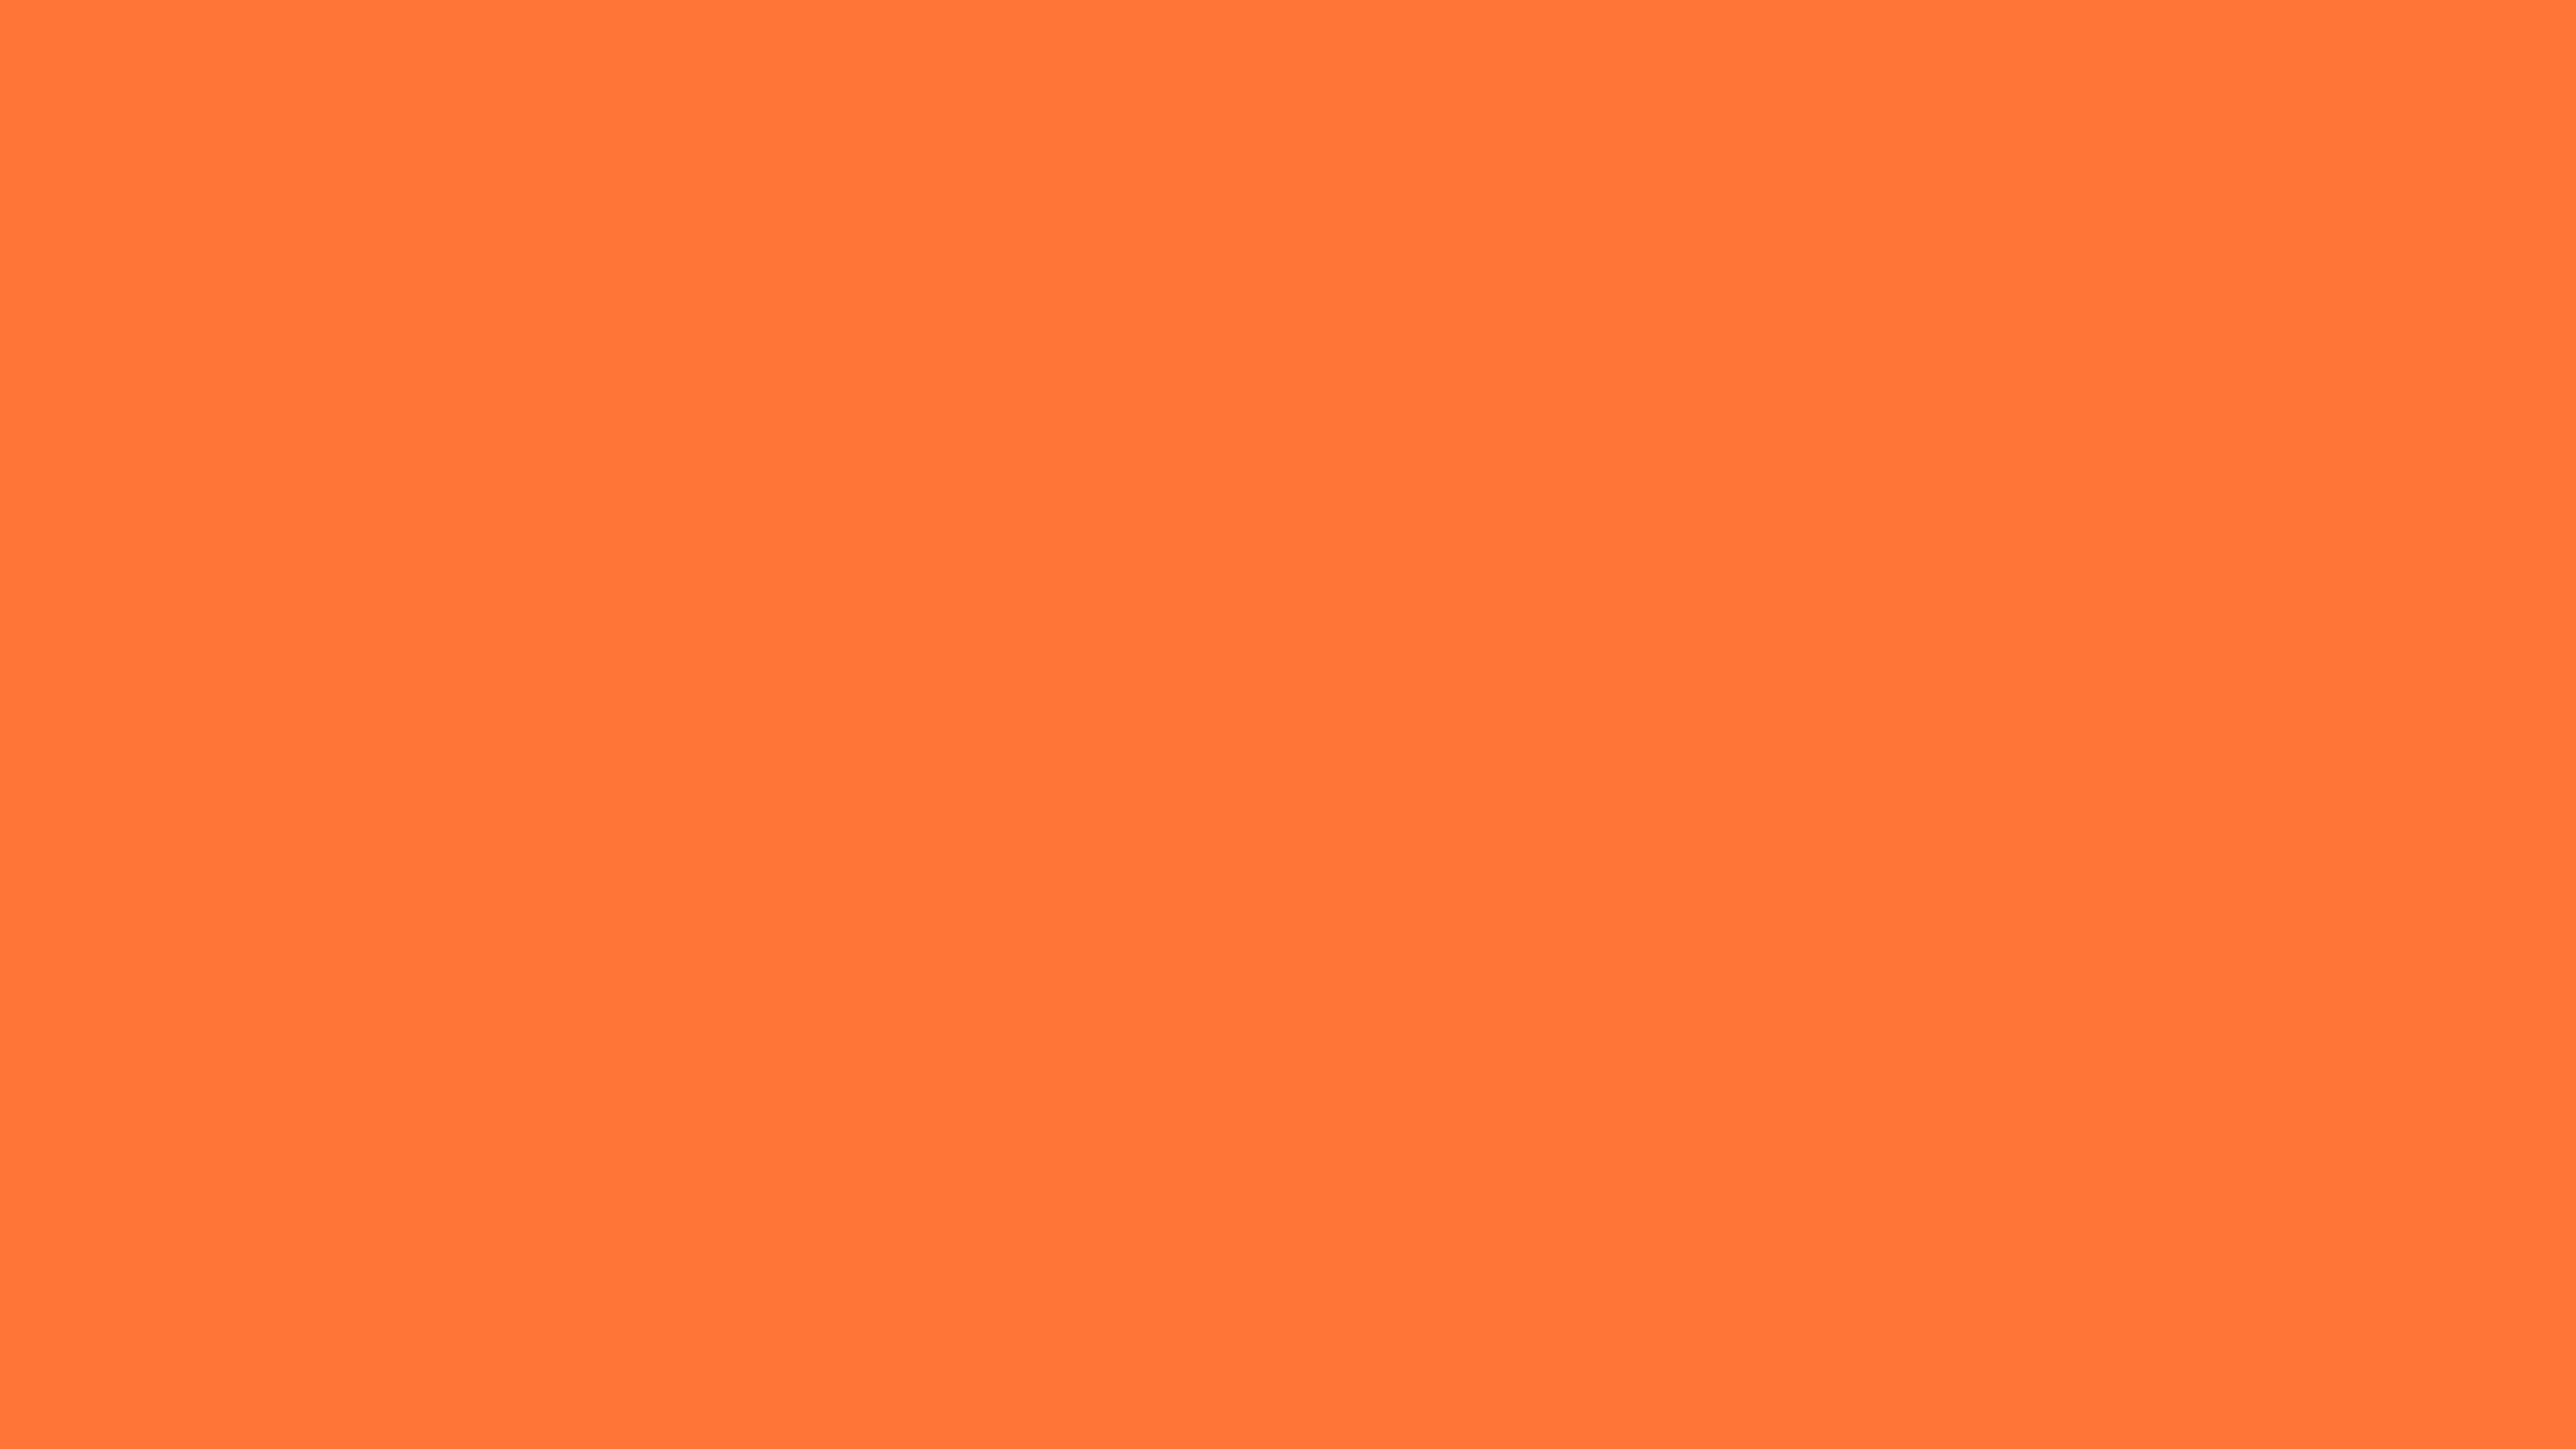 4096x2304 Orange Crayola Solid Color Background